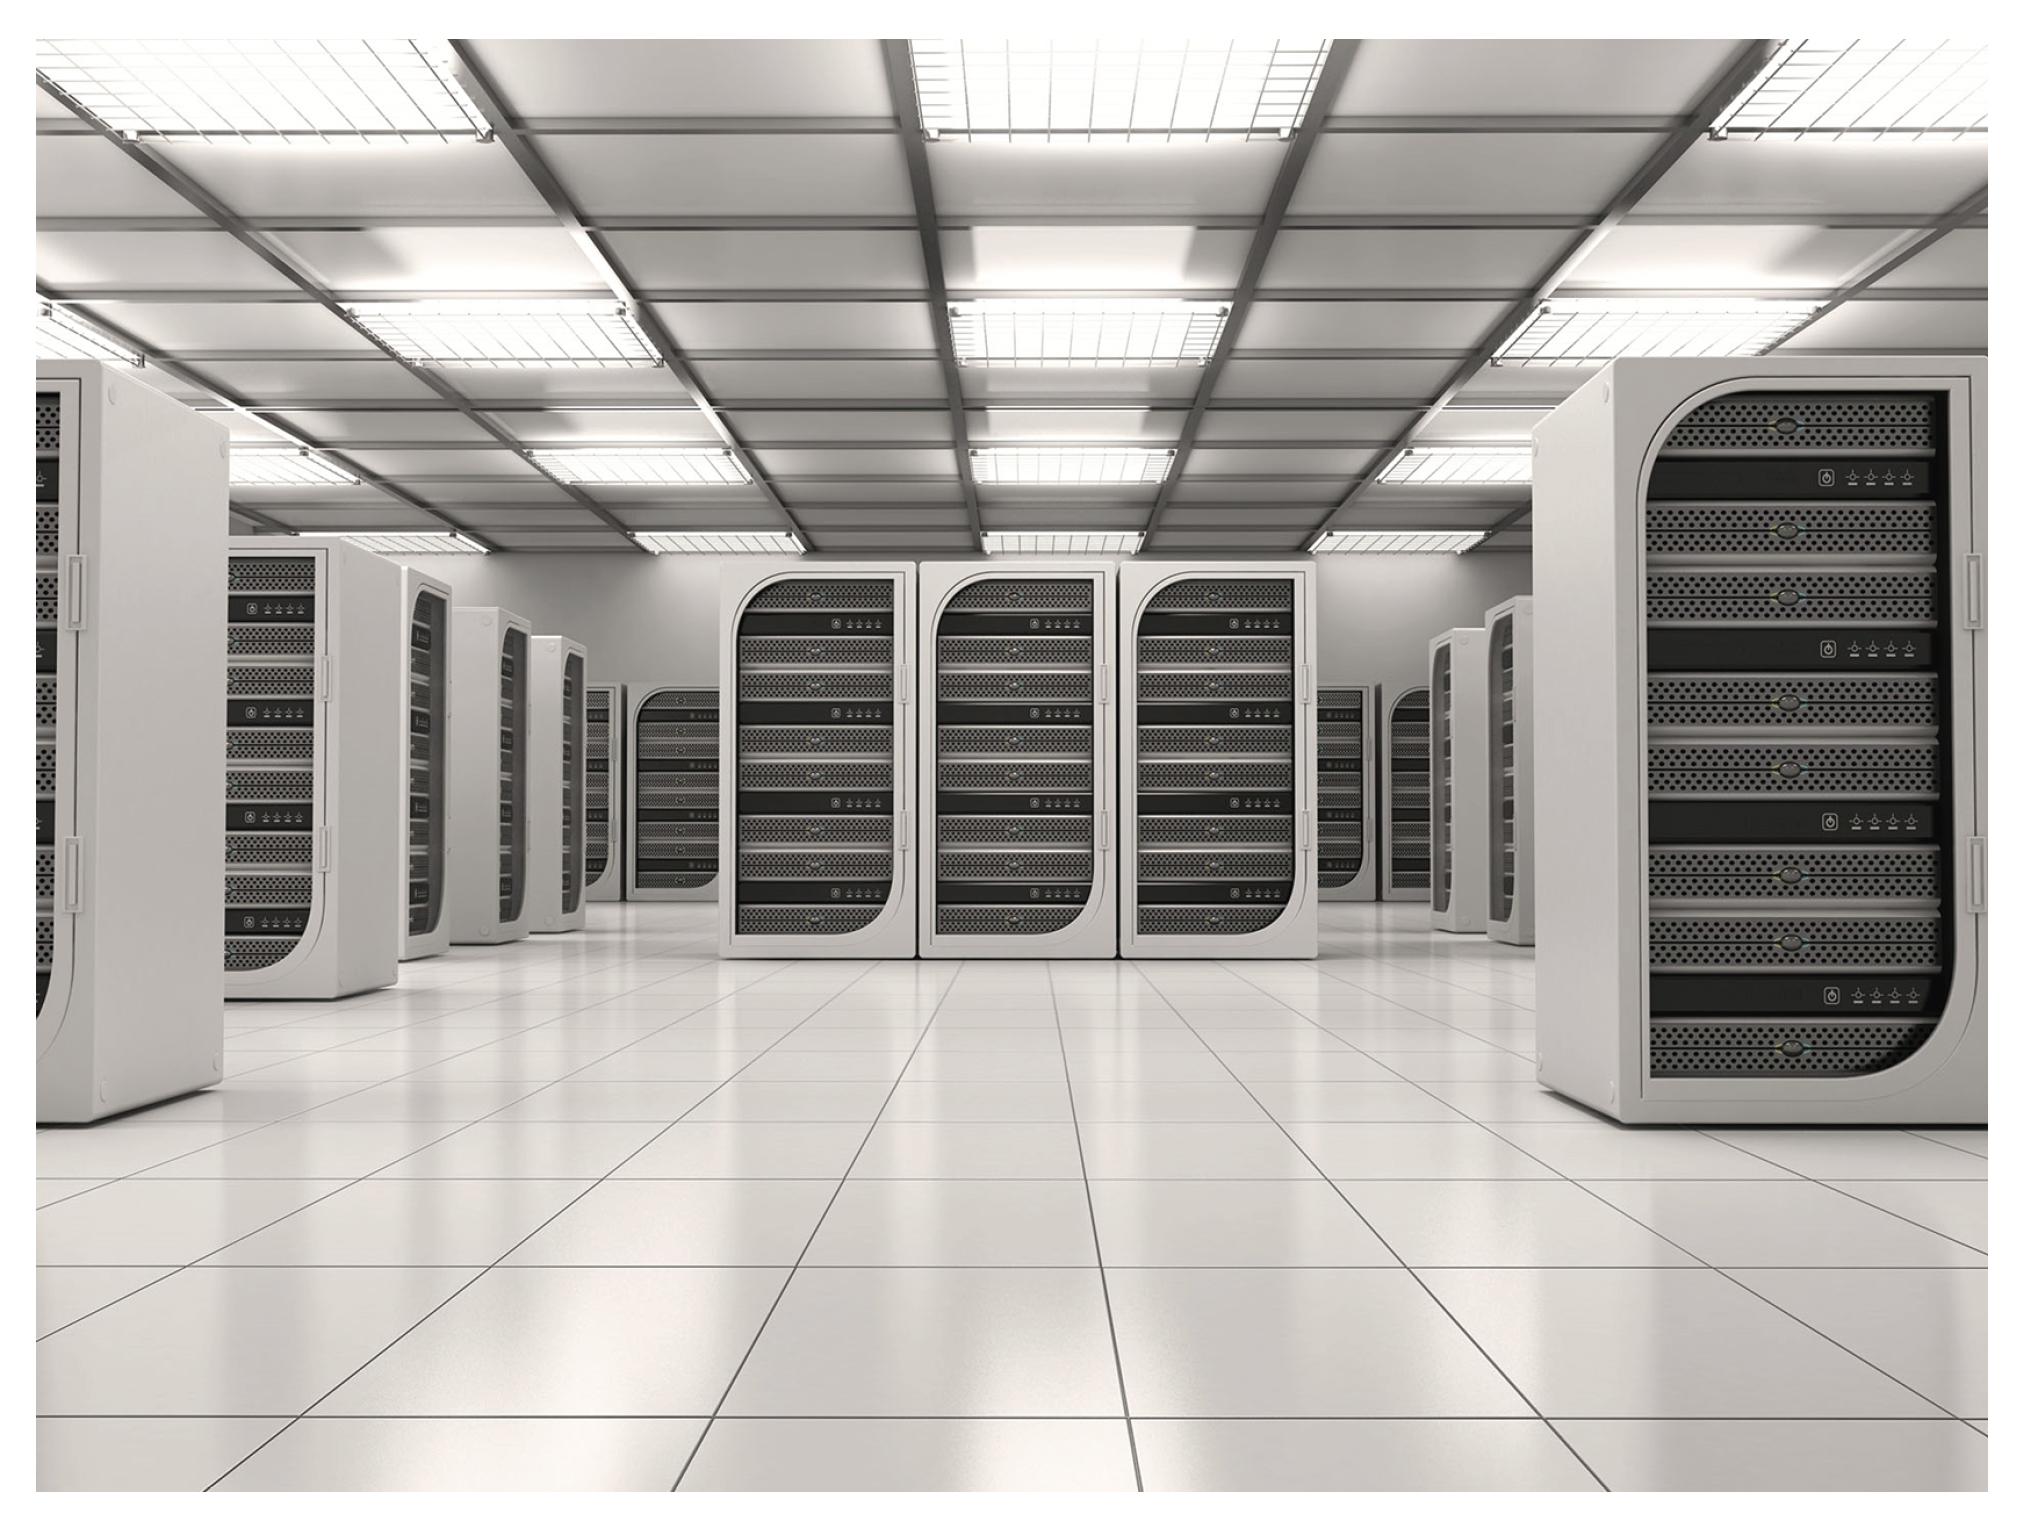 SUSE Linux Enterprise Server 15